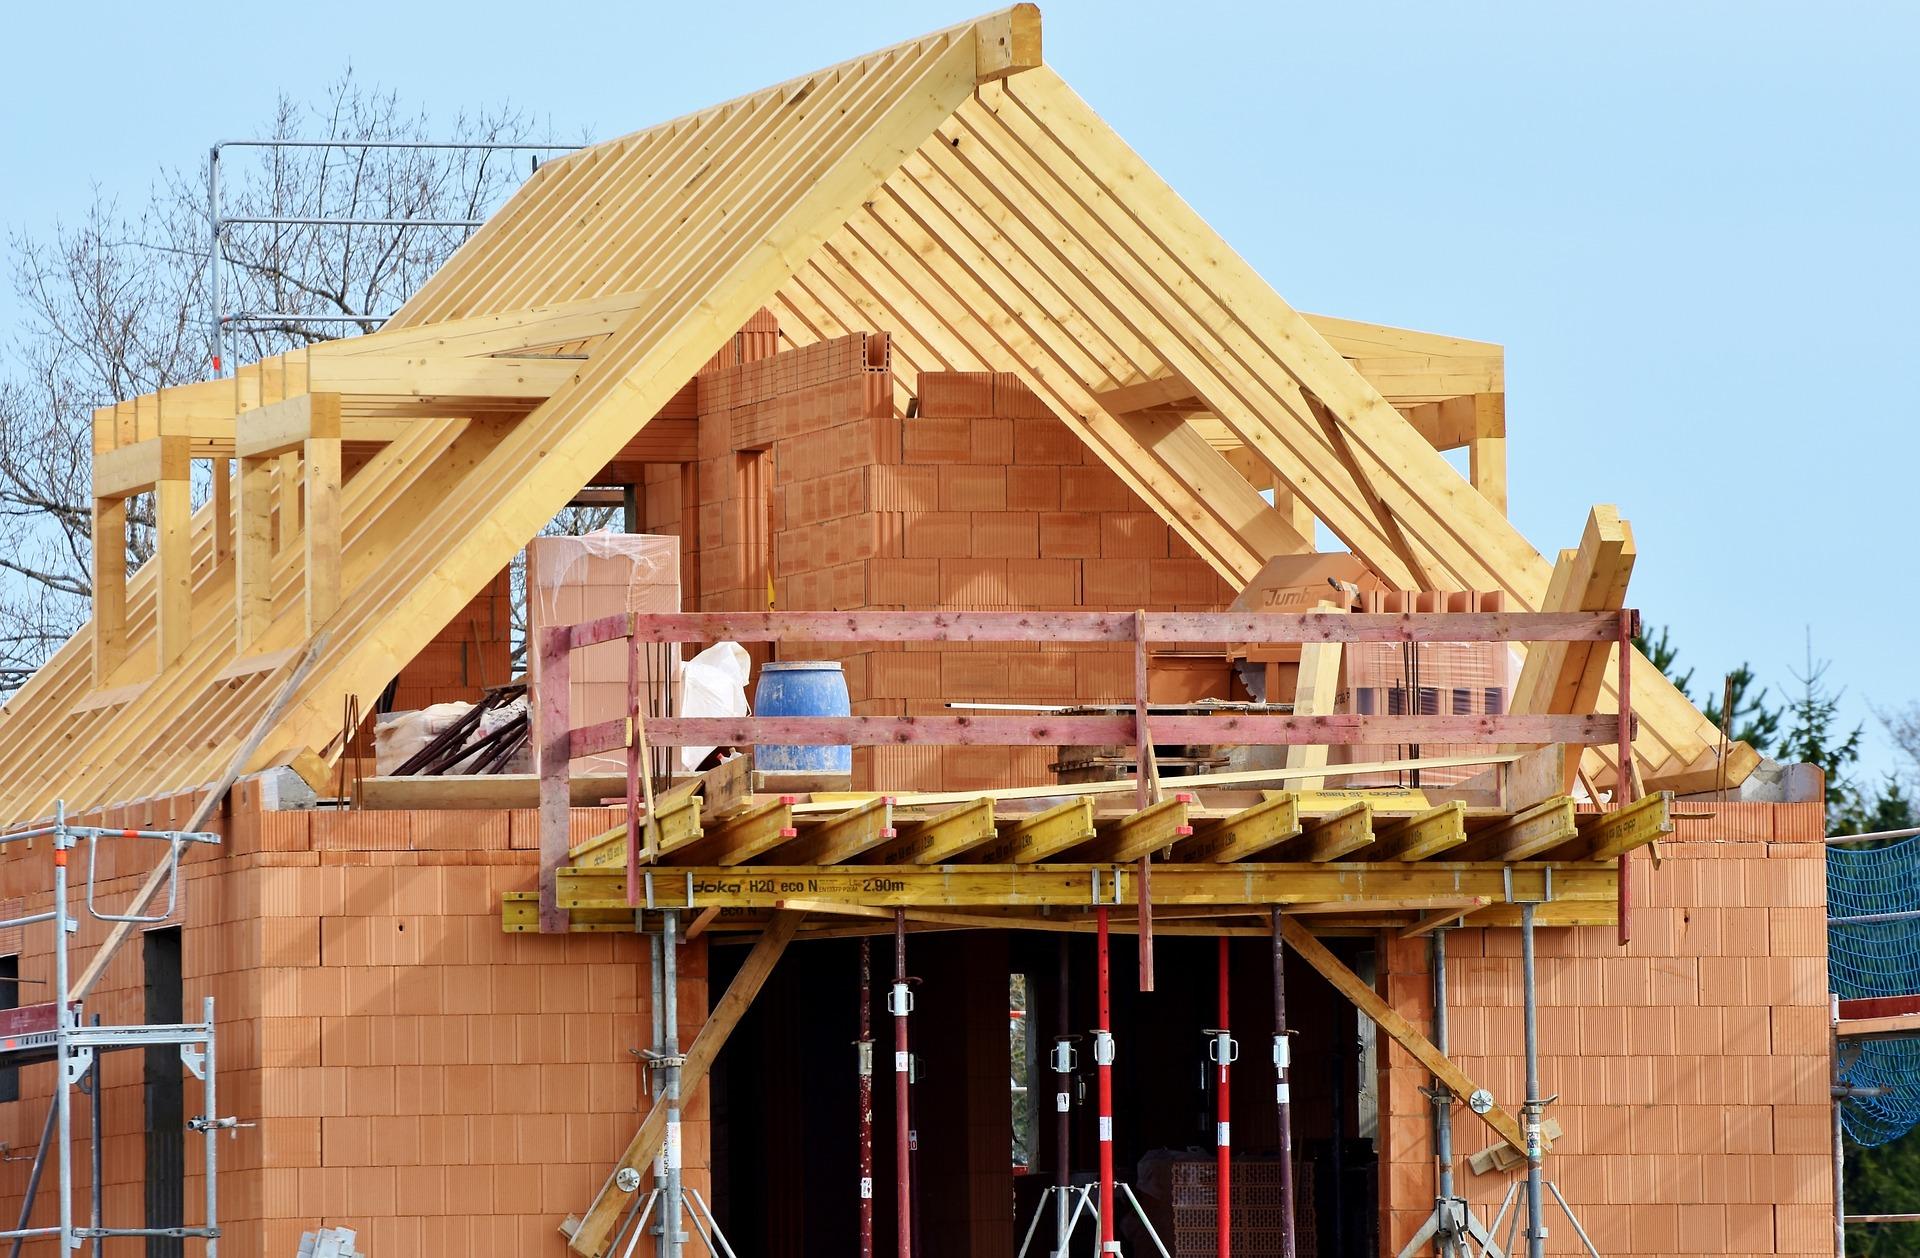 Jak przebiega proces budowy dachów i co jest w nim najistotniejsze?